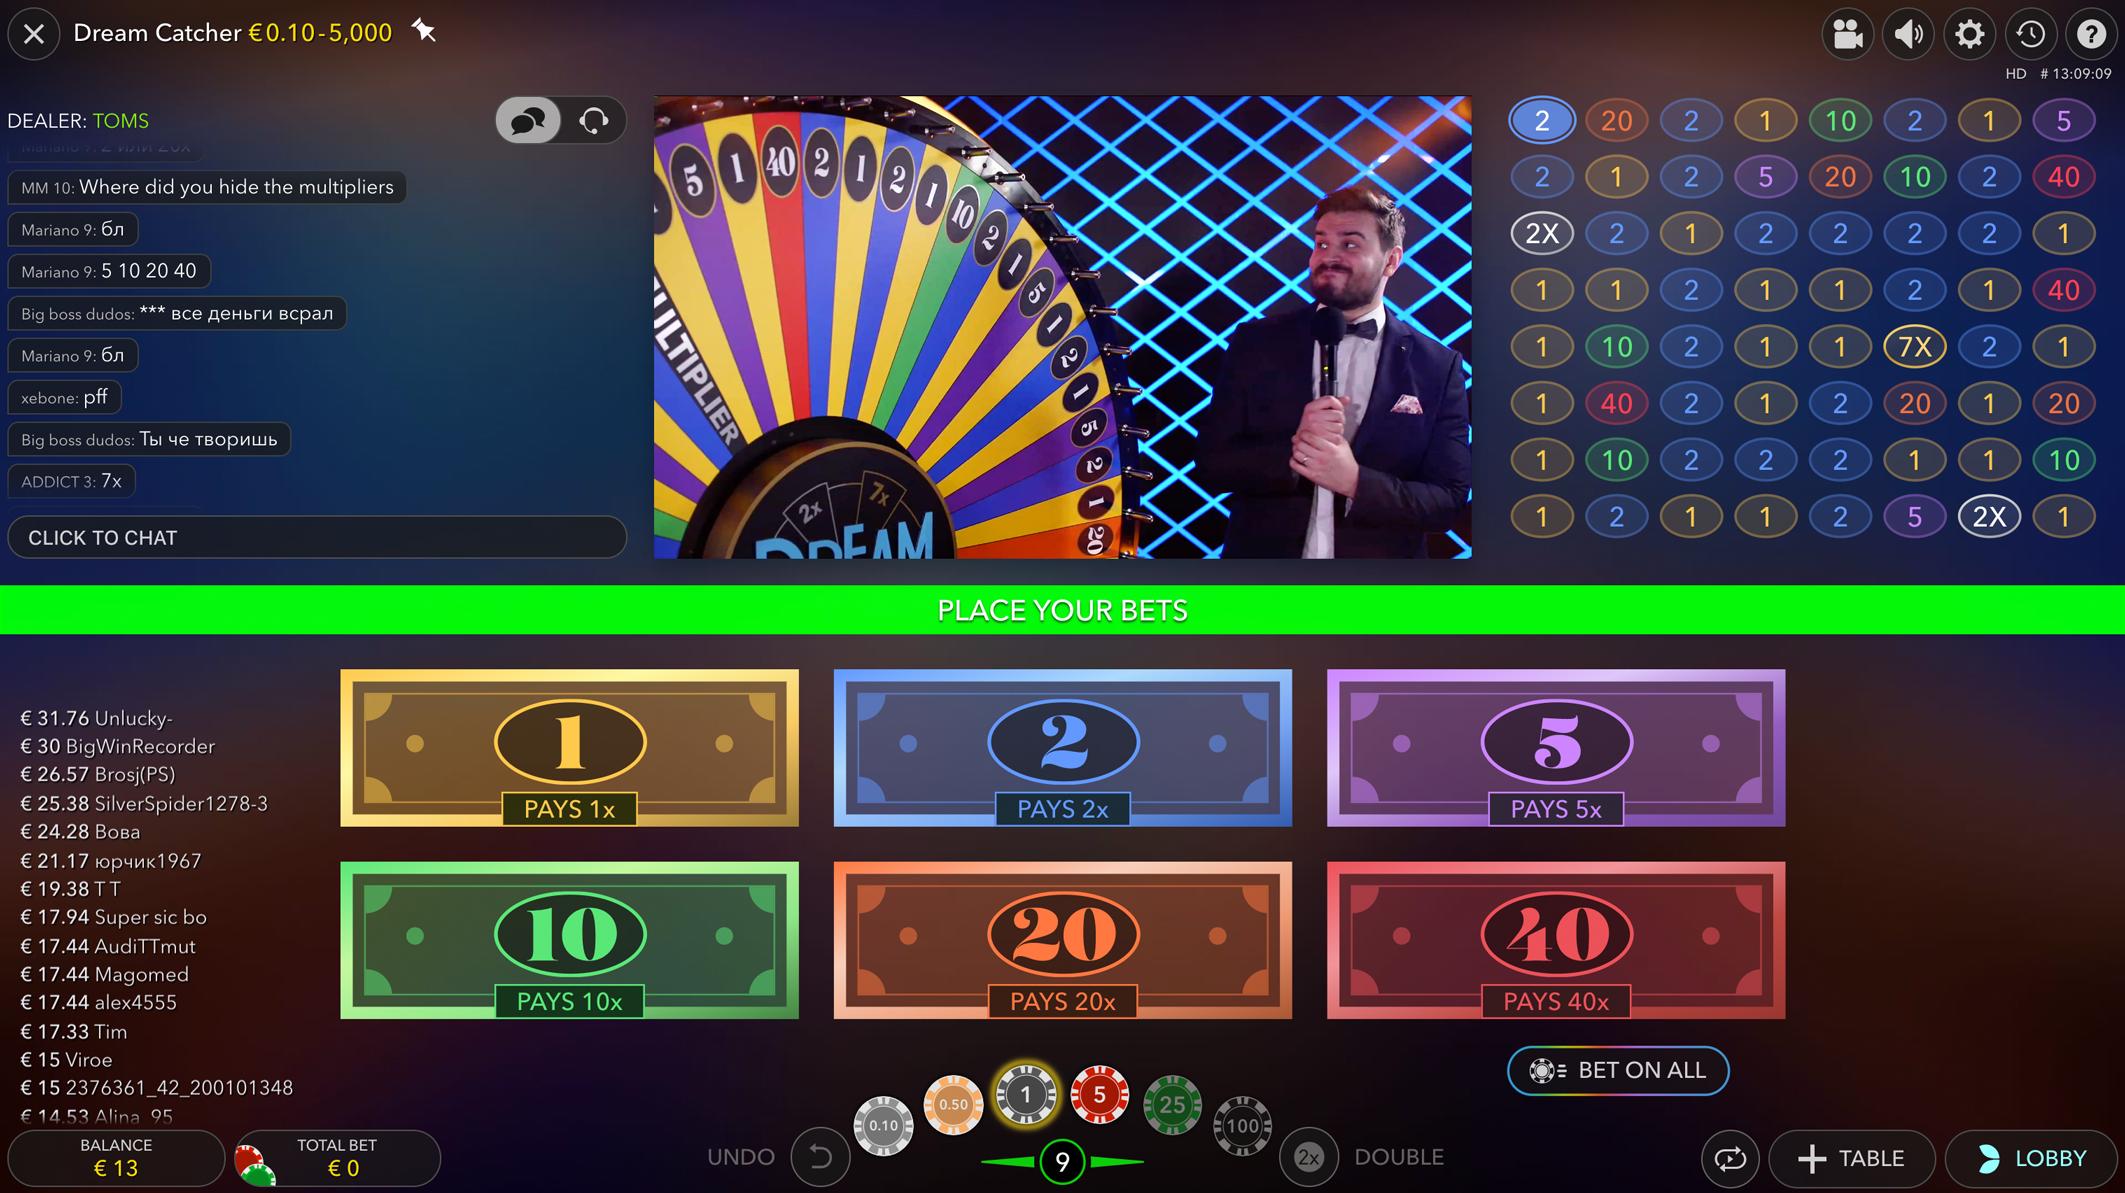 Live casino dream catcher betting - money wheel casino game